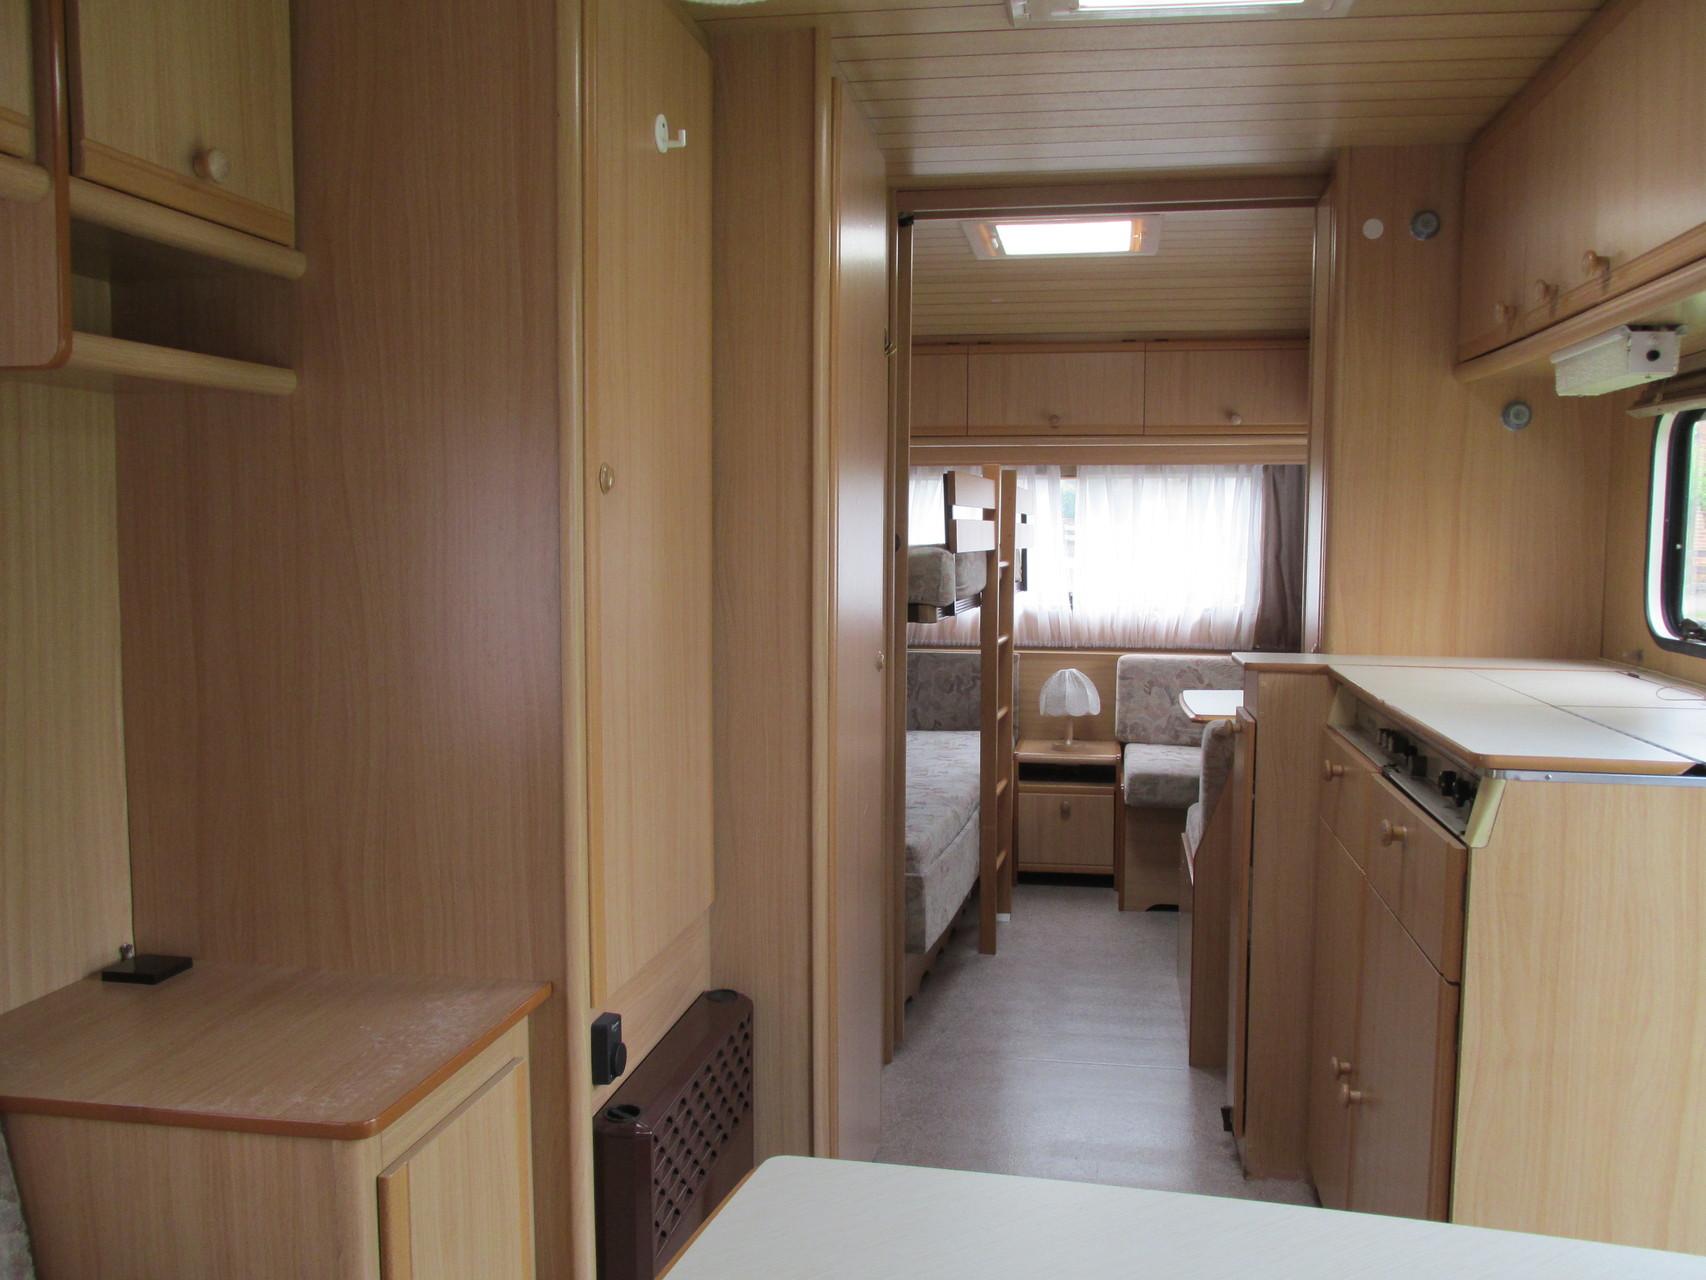 dethleffs camper 530 tk camping vermietung. Black Bedroom Furniture Sets. Home Design Ideas